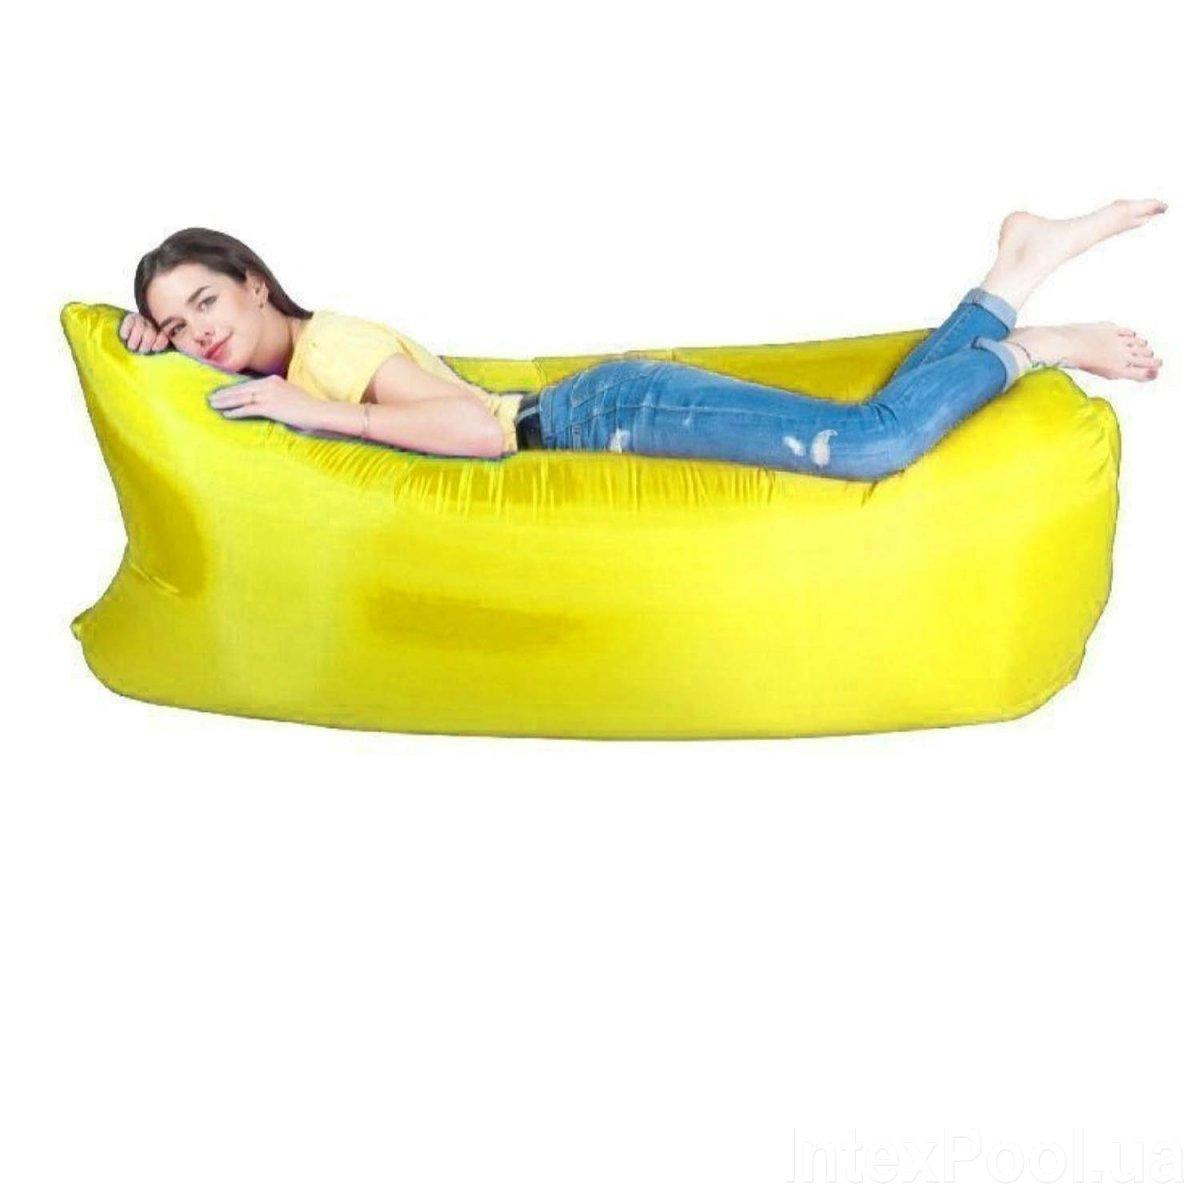 Ламзак, надувной мешок Lamzak 32001, желтый